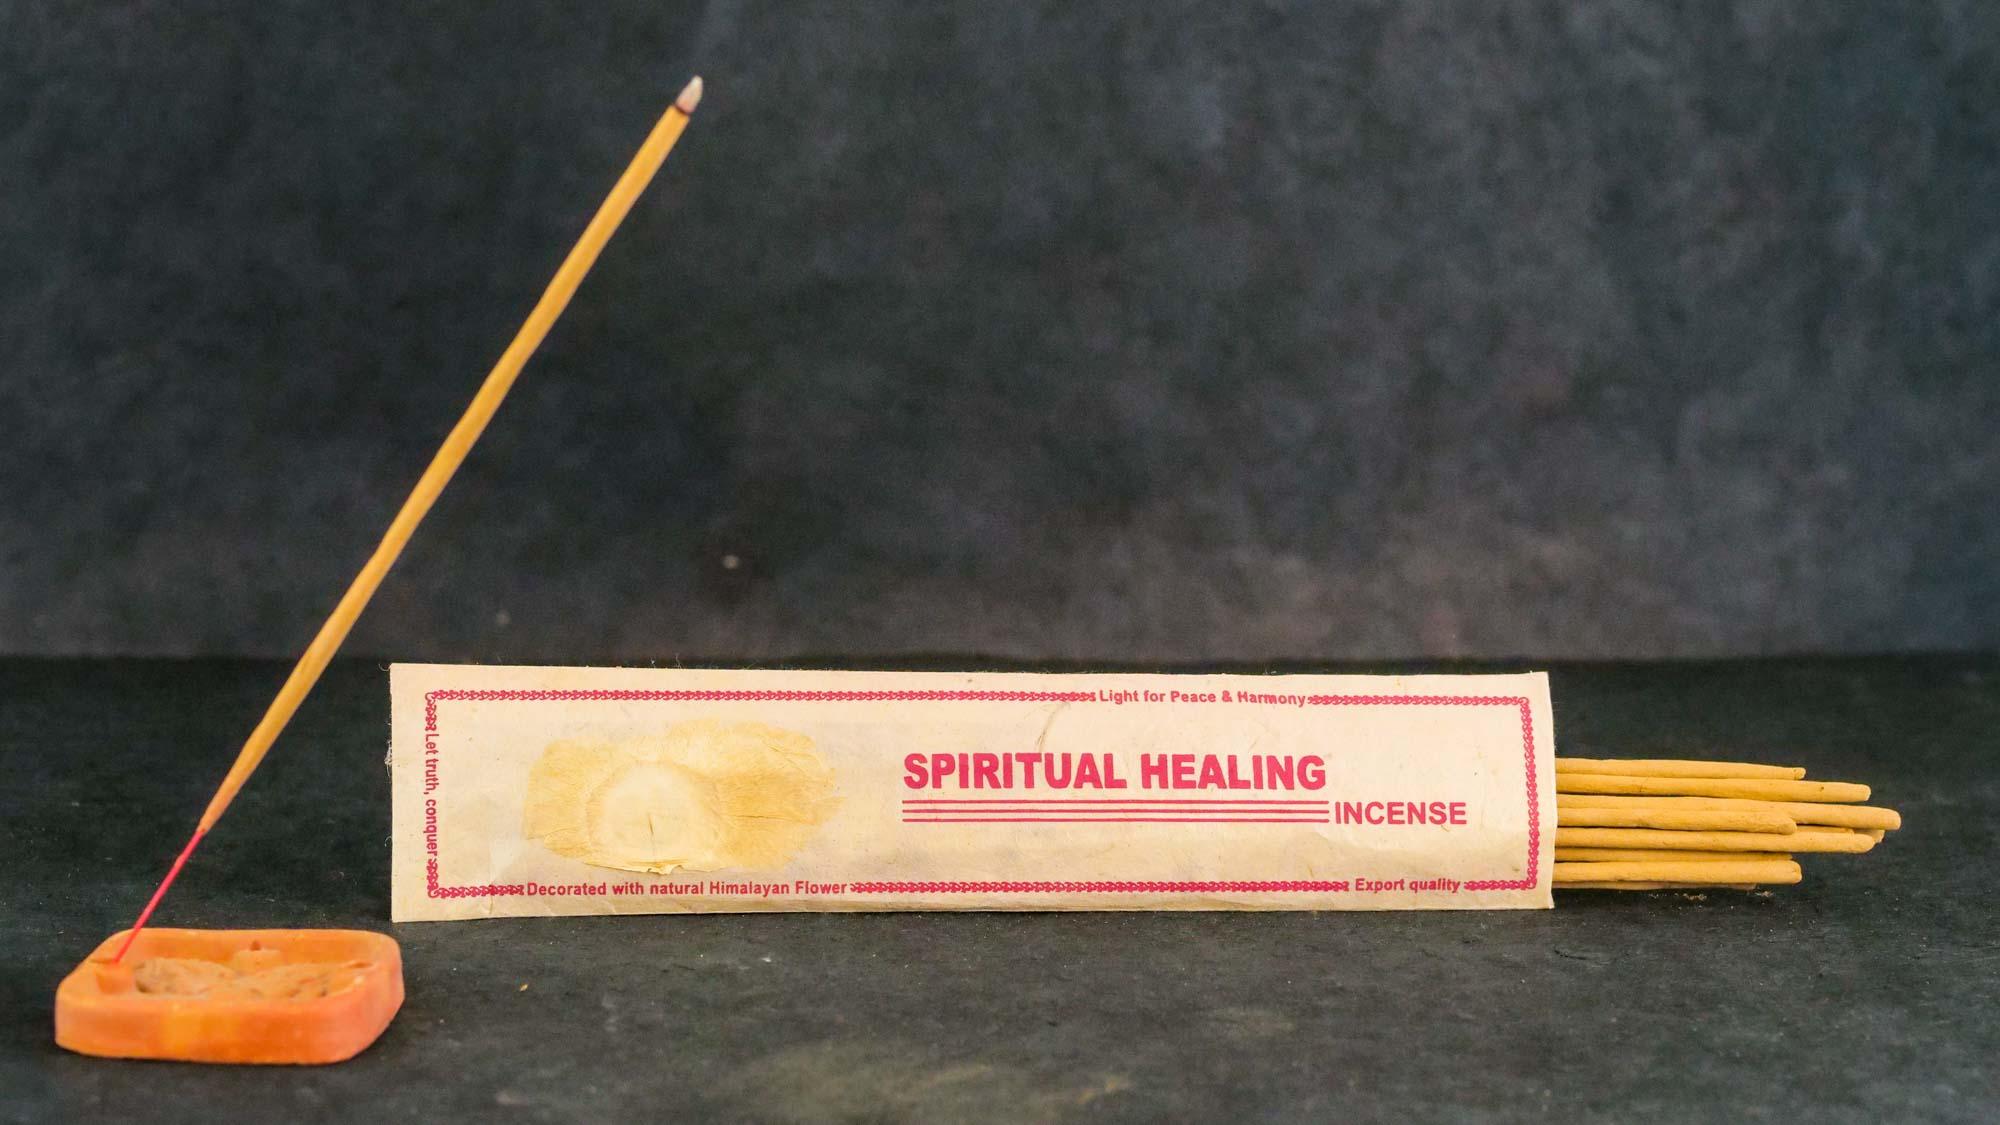 Räucherstäbchen 'Spiritual Healing'